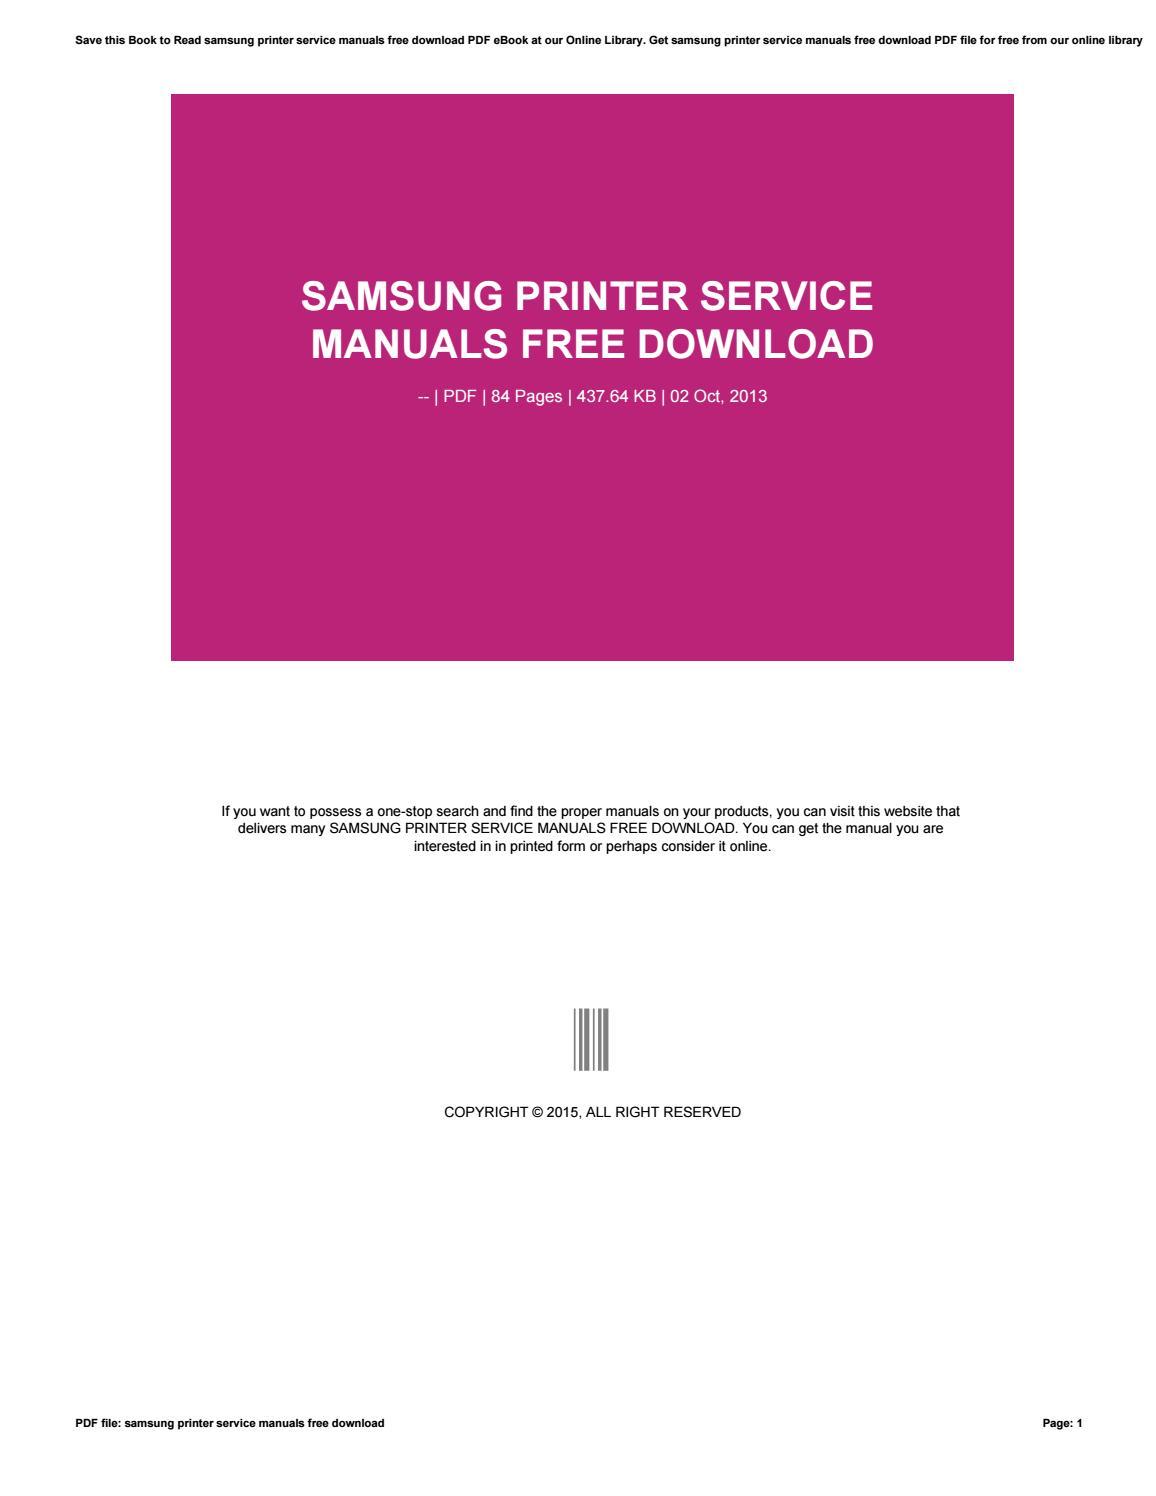 samsung manuals online